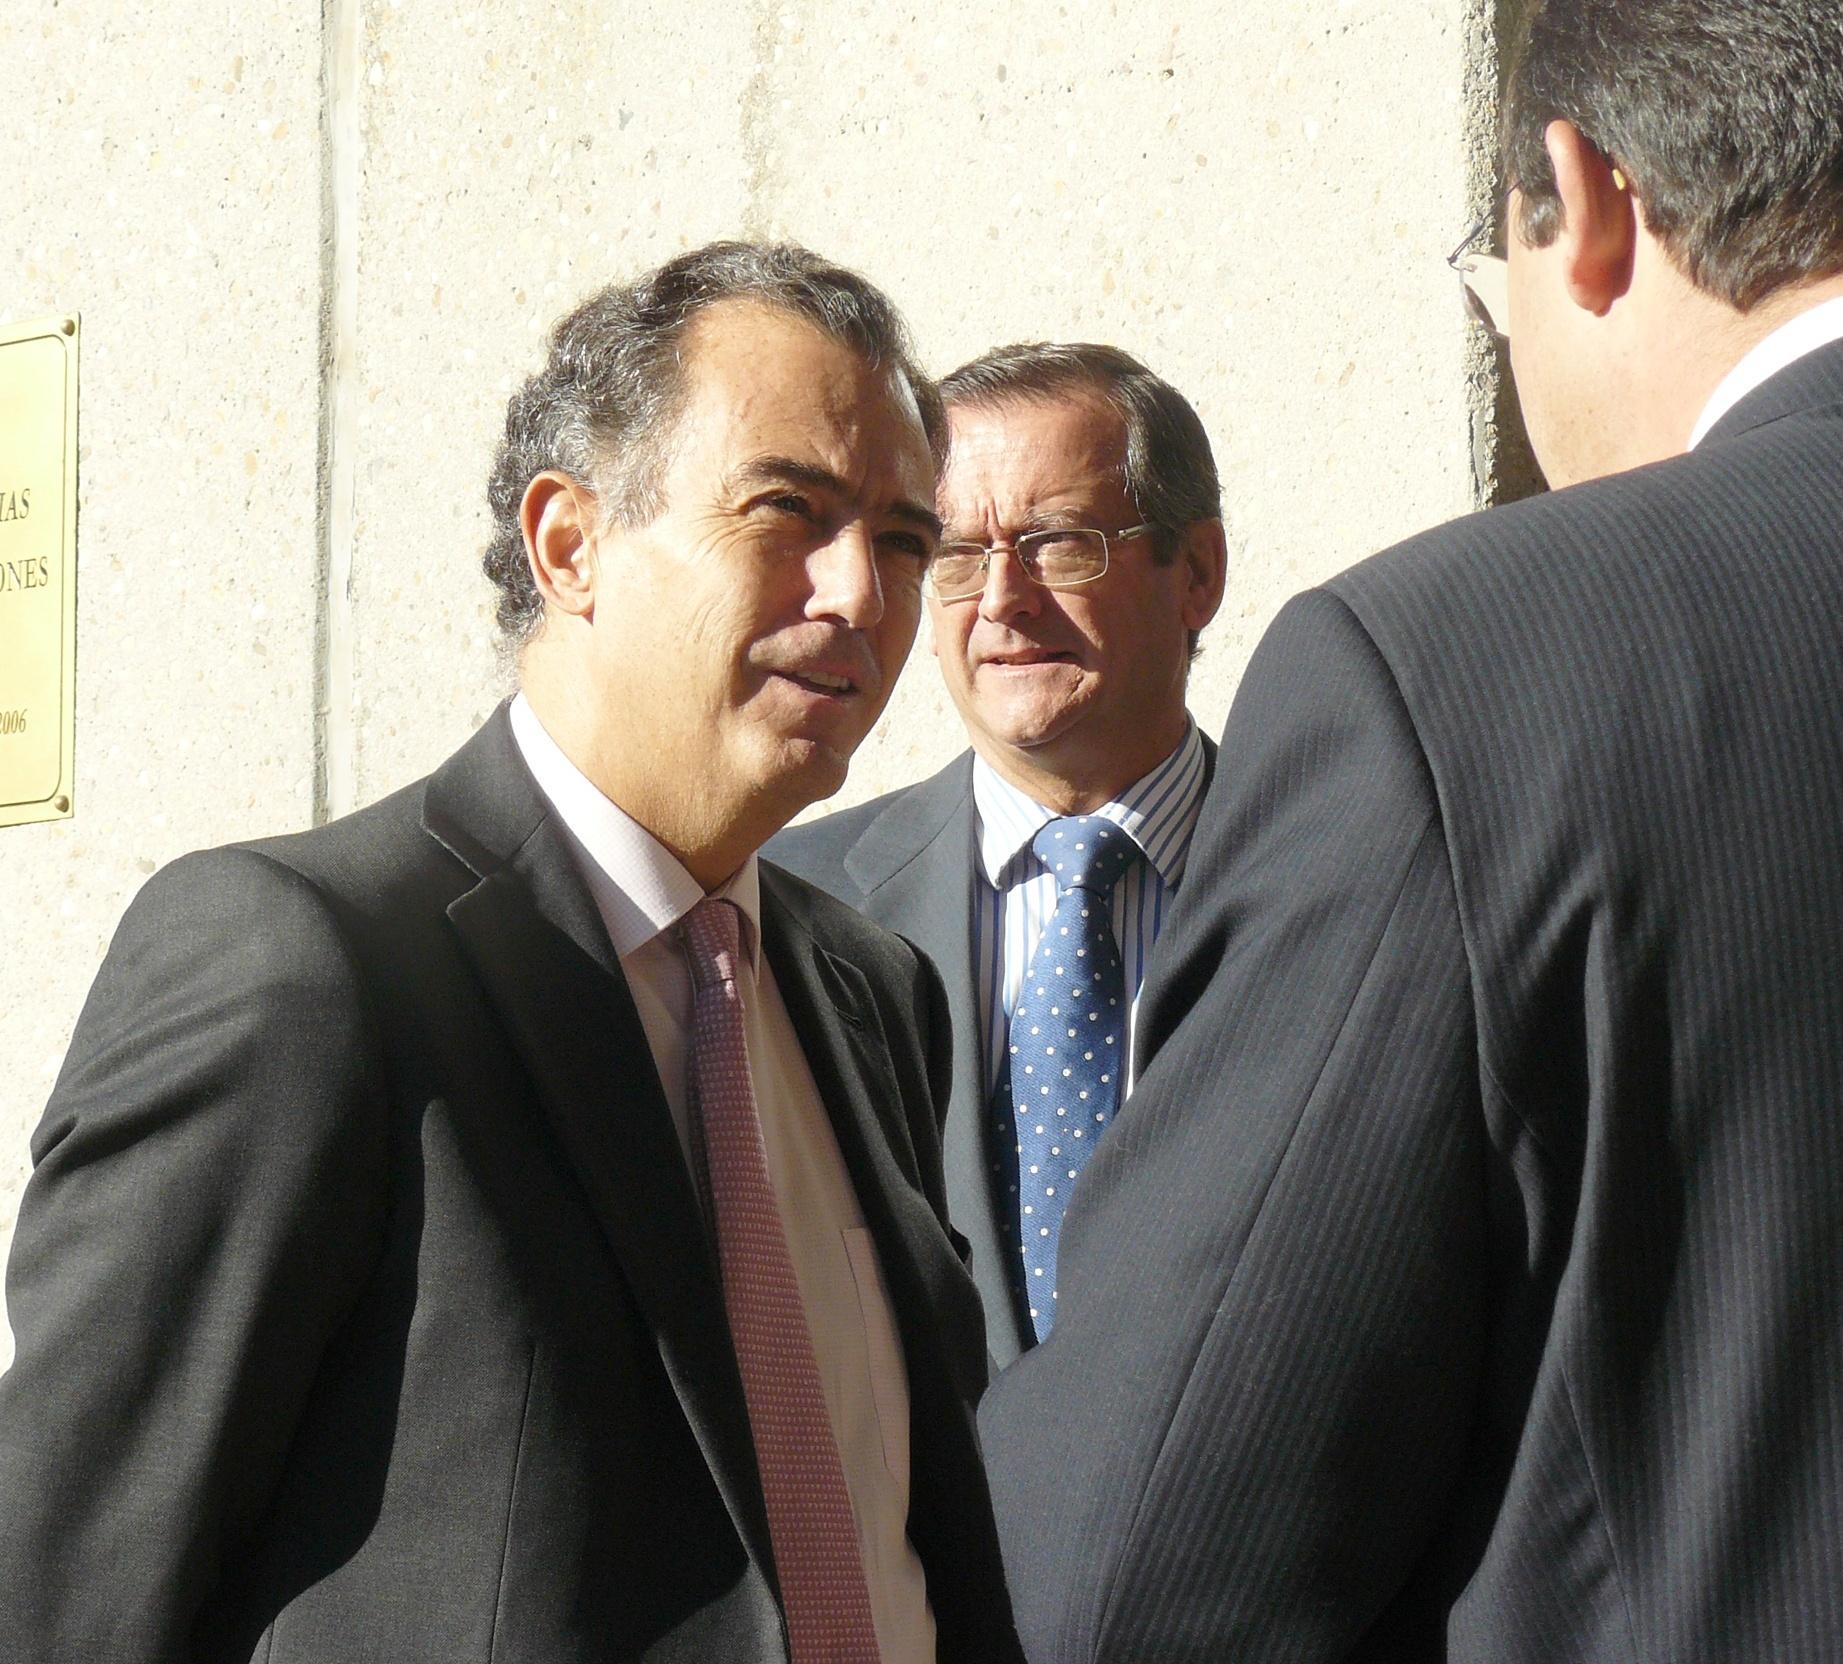 La rebaja fiscal en Madrid creará 13.600 empleos e impulsará cuatro décimas la economía